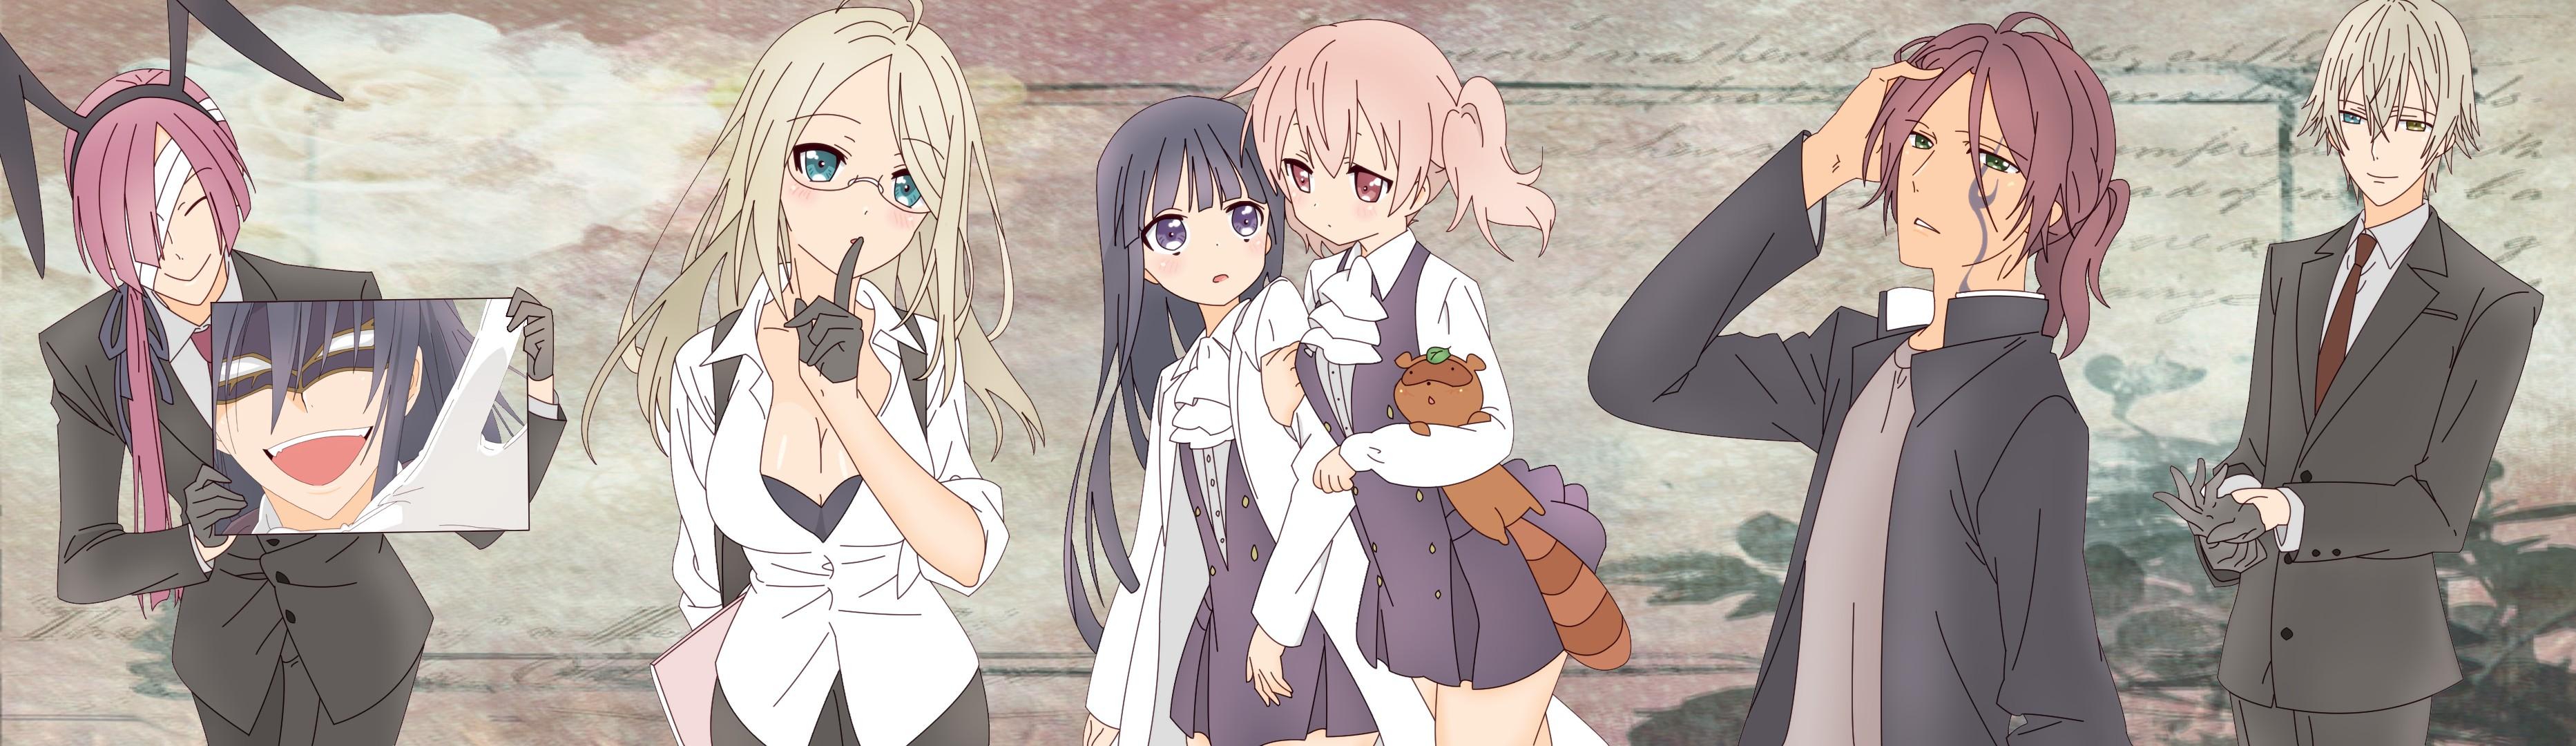 Inu x Boku SS Image #1061425 - Zerochan Anime Image Board